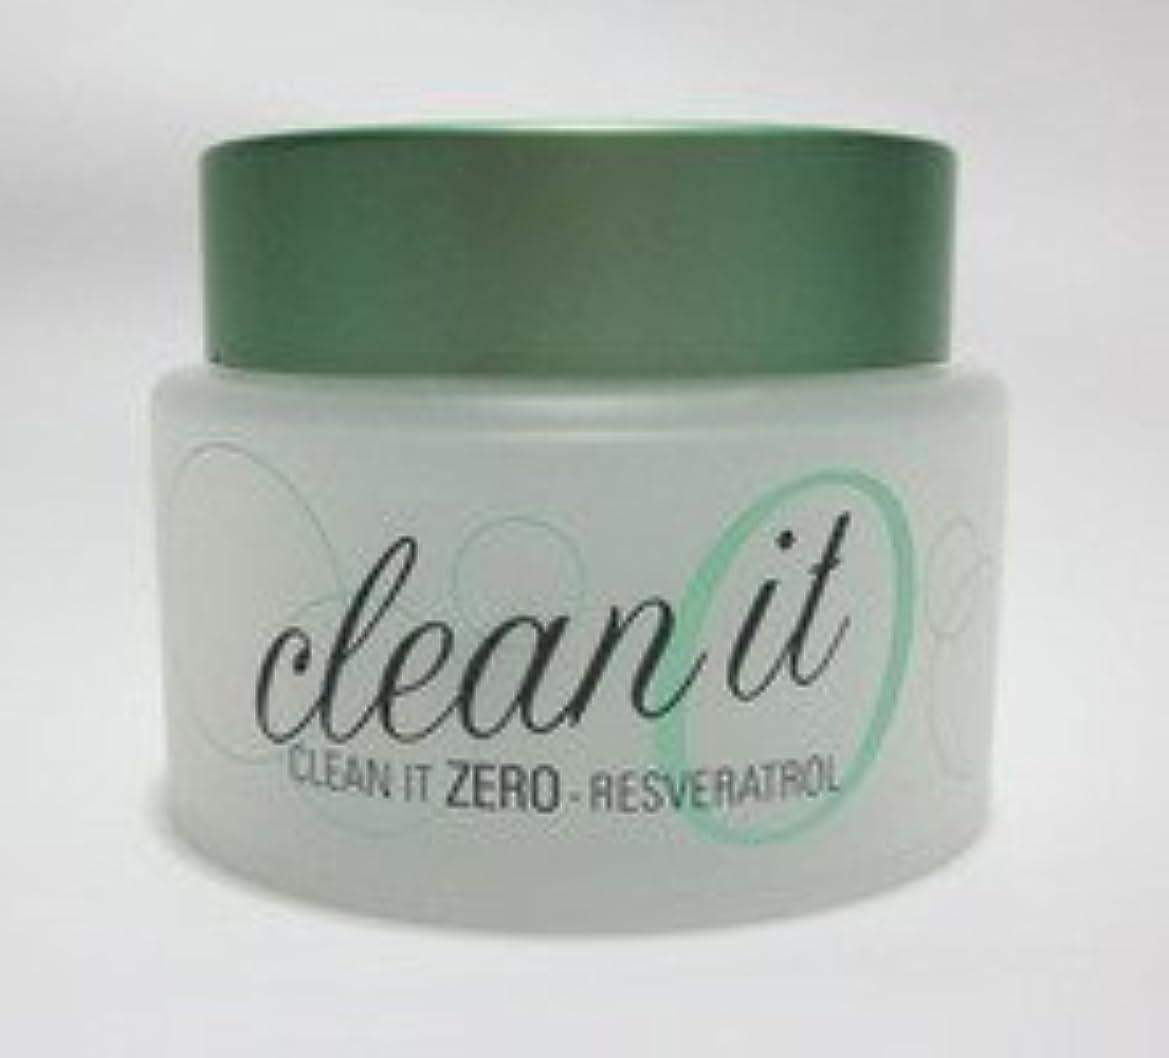 ワインテロリスト放課後banila co. バニラコ クリーン イット ゼロ レスベラトロール clean it zero RESVERATROL